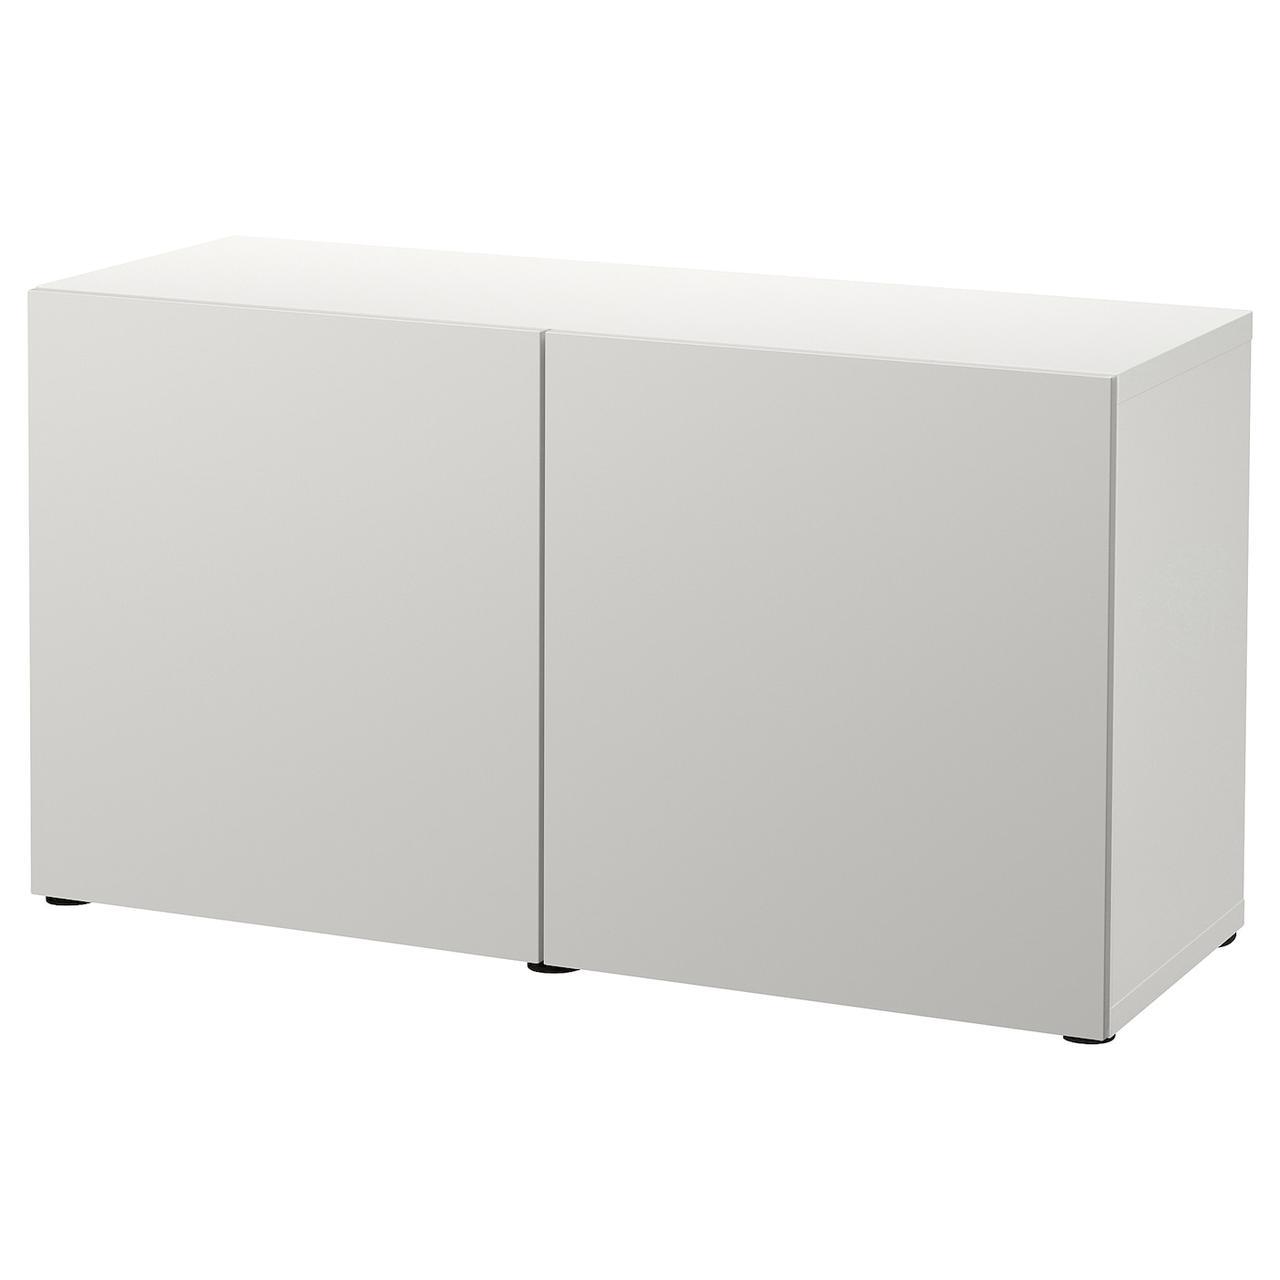 IKEA BESTÅ Комбінація з дверцятами білий/Lappviken світло - 120x42x65 см